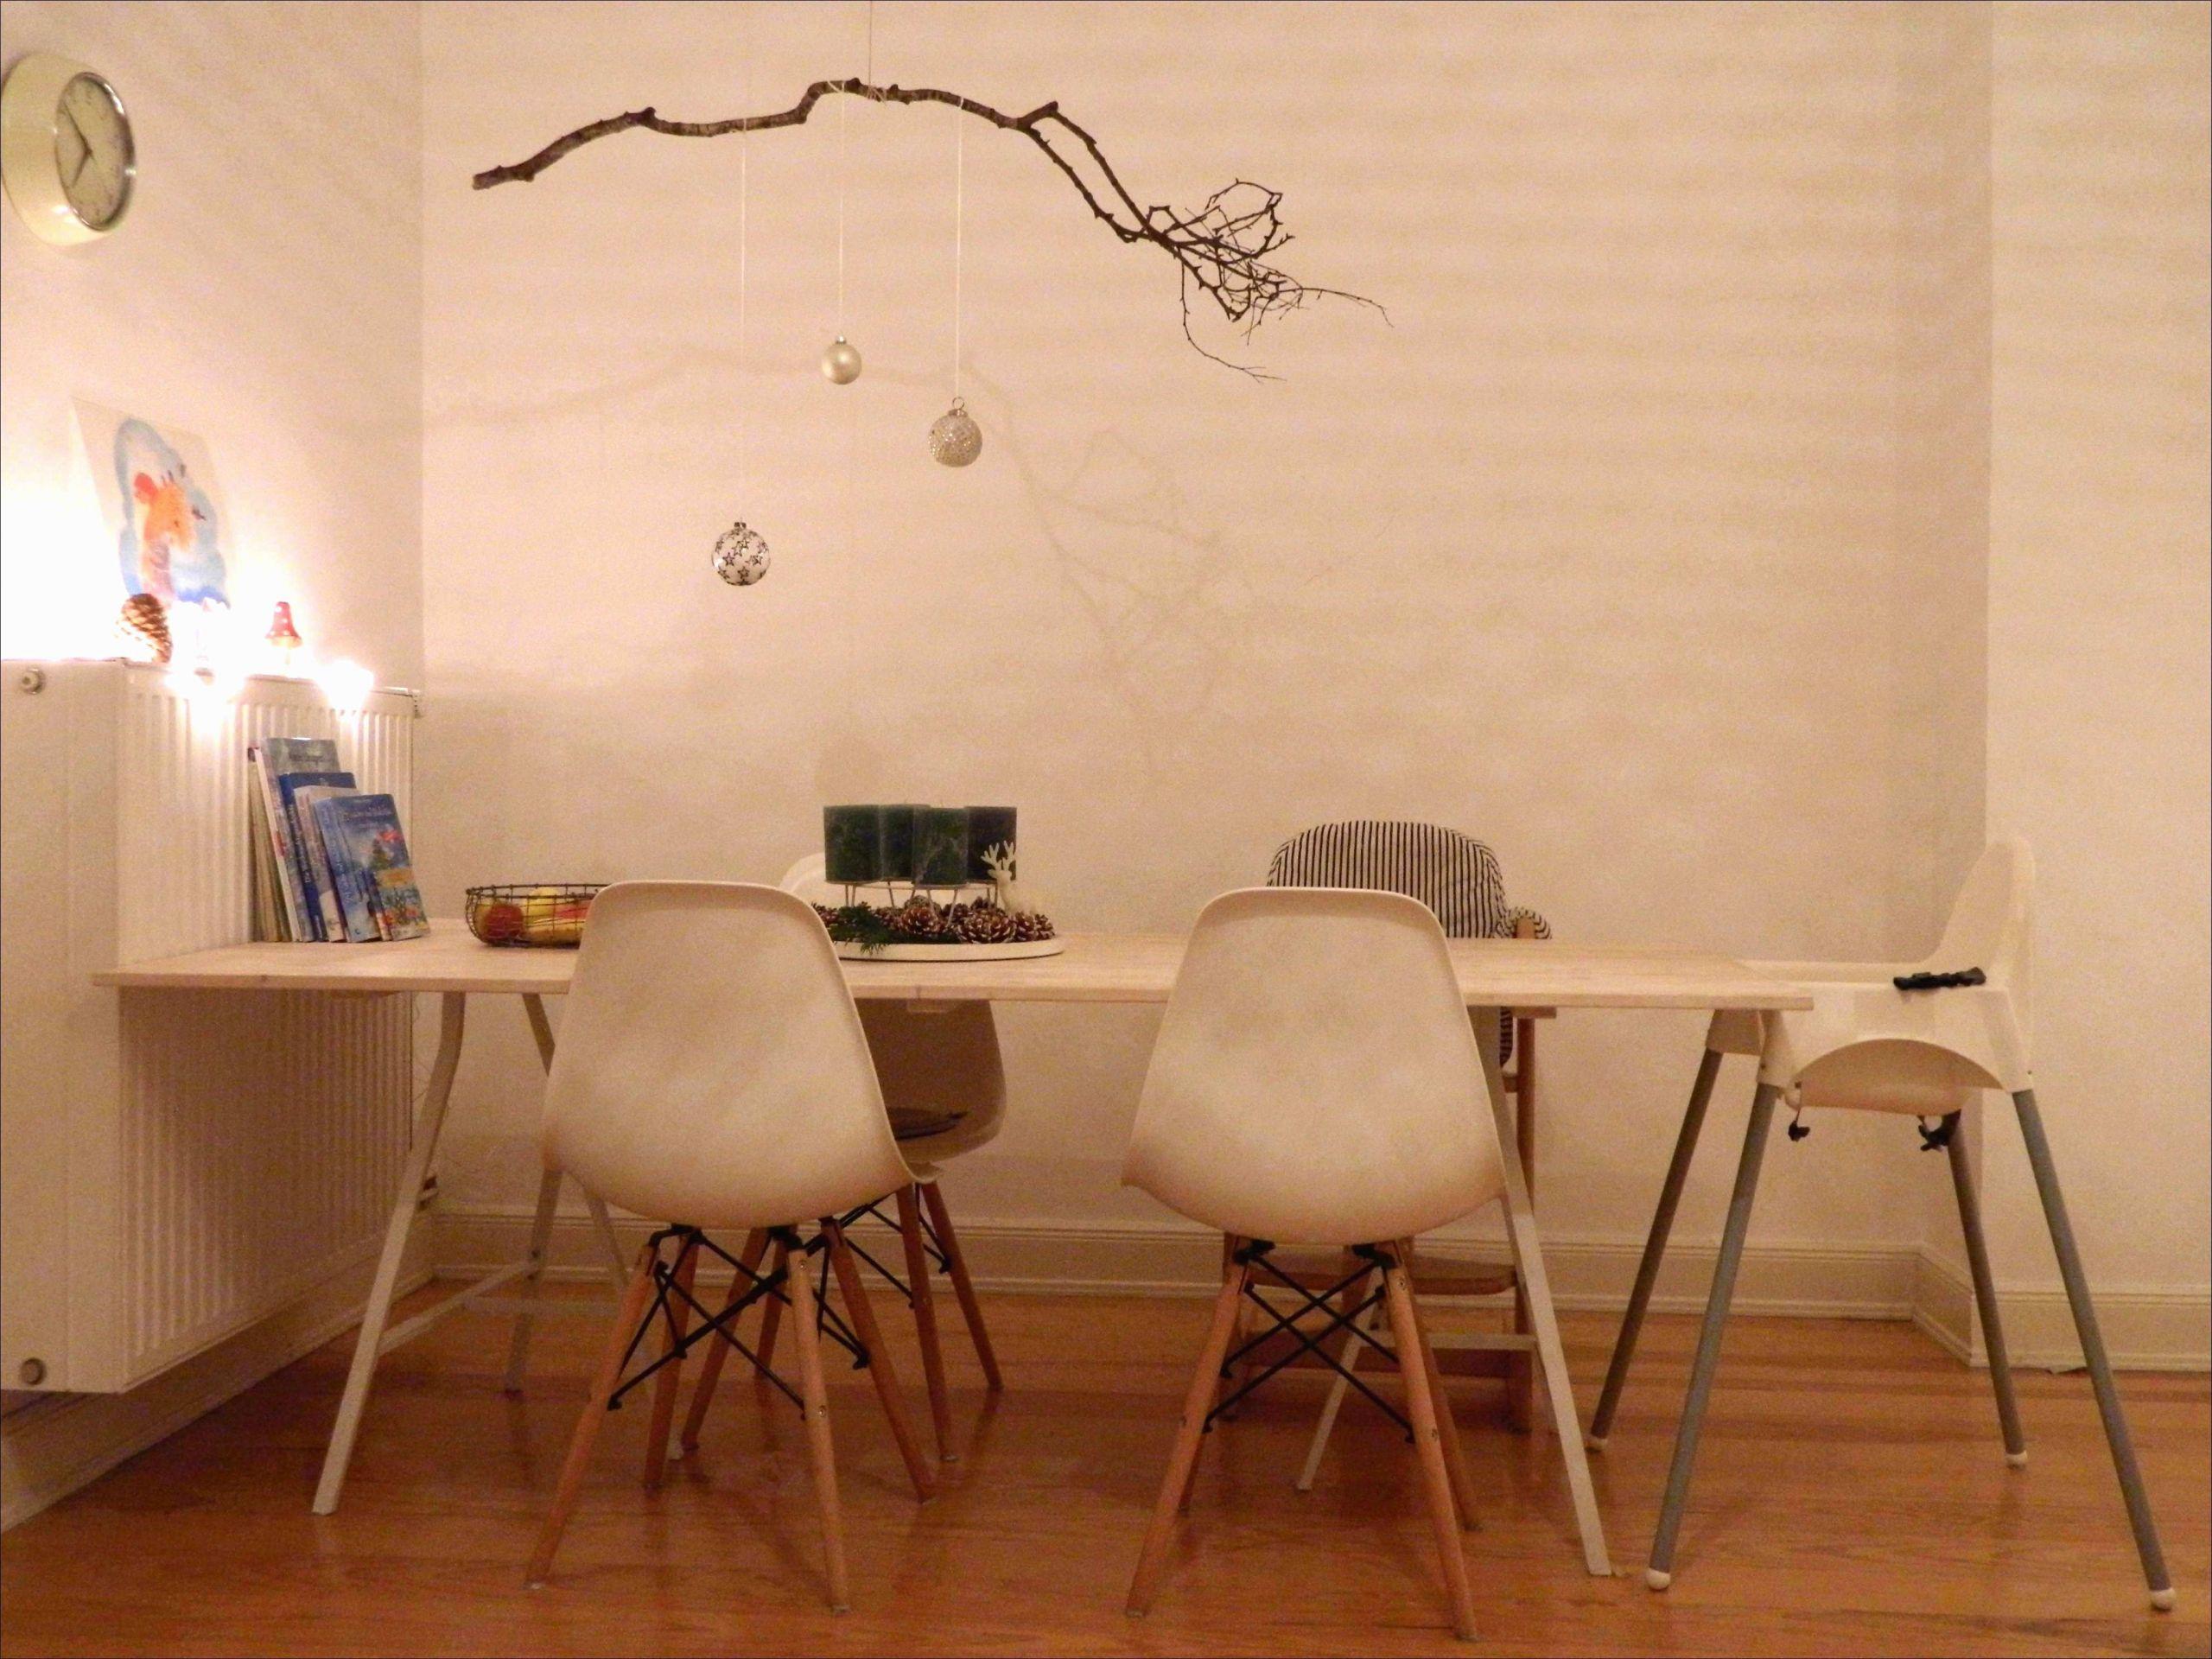 wandtattoo selber erstellen das beste von 49 inspirierend holz deko selber machen weihnachten of wandtattoo selber erstellen